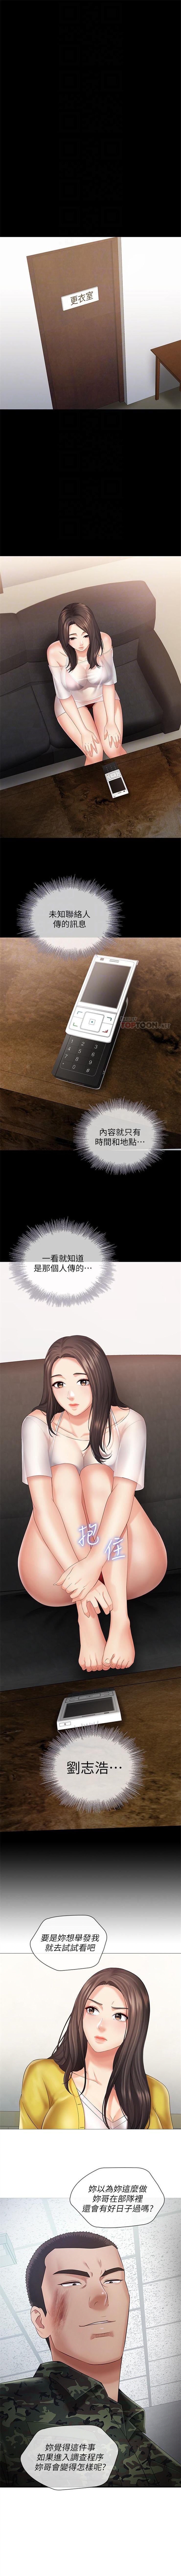 妹妹的義務 1-37 官方中文(連載中) 189